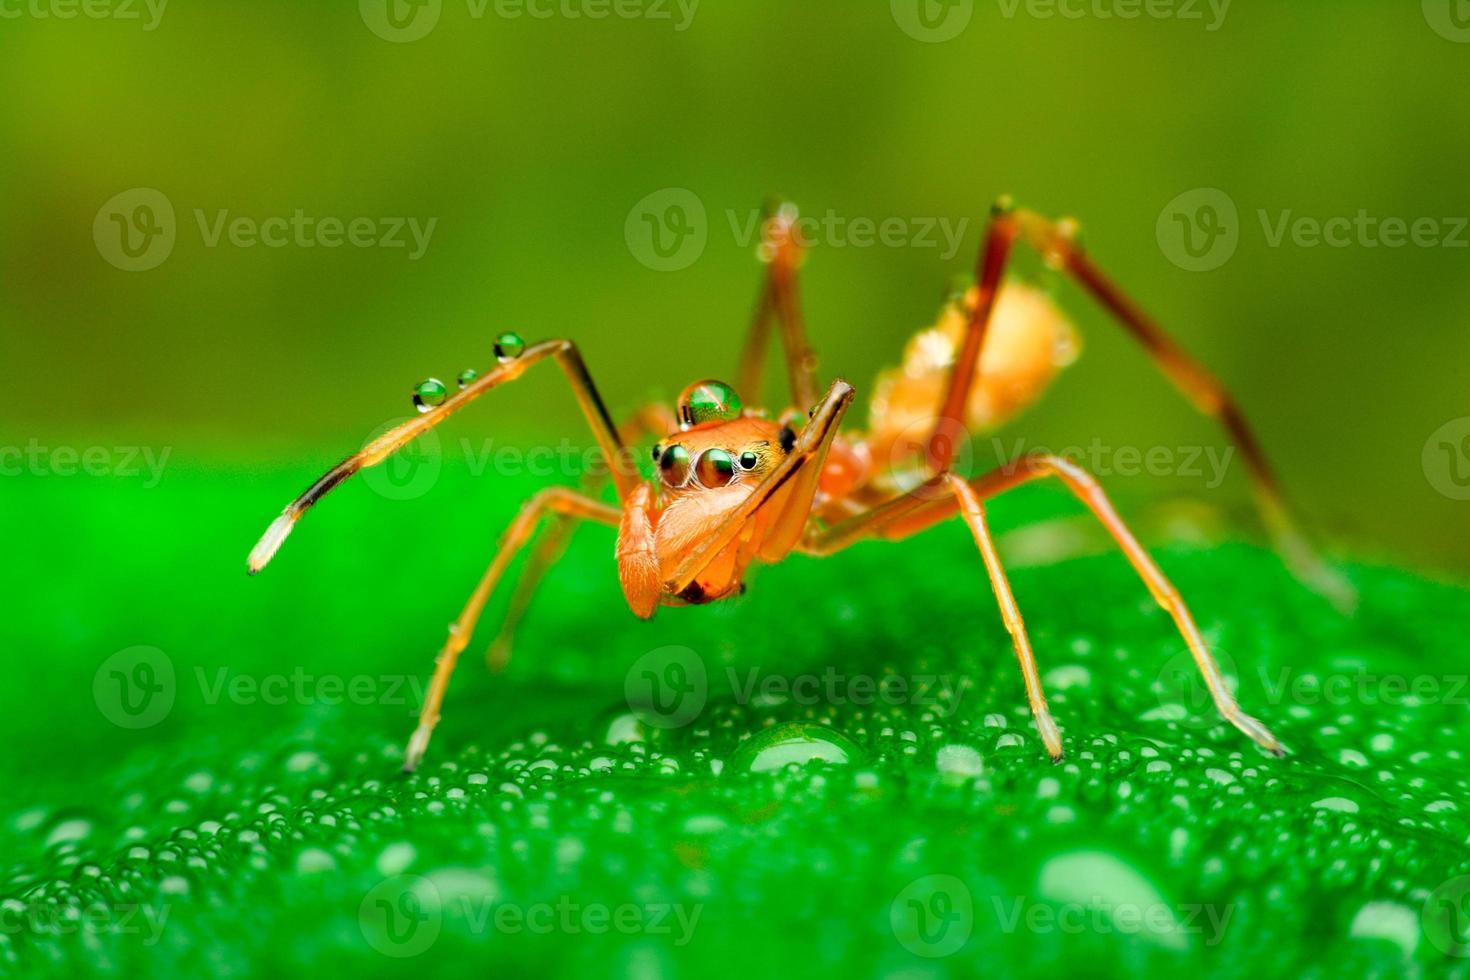 Ameise imitiert Spinne mit Wassertropfen foto